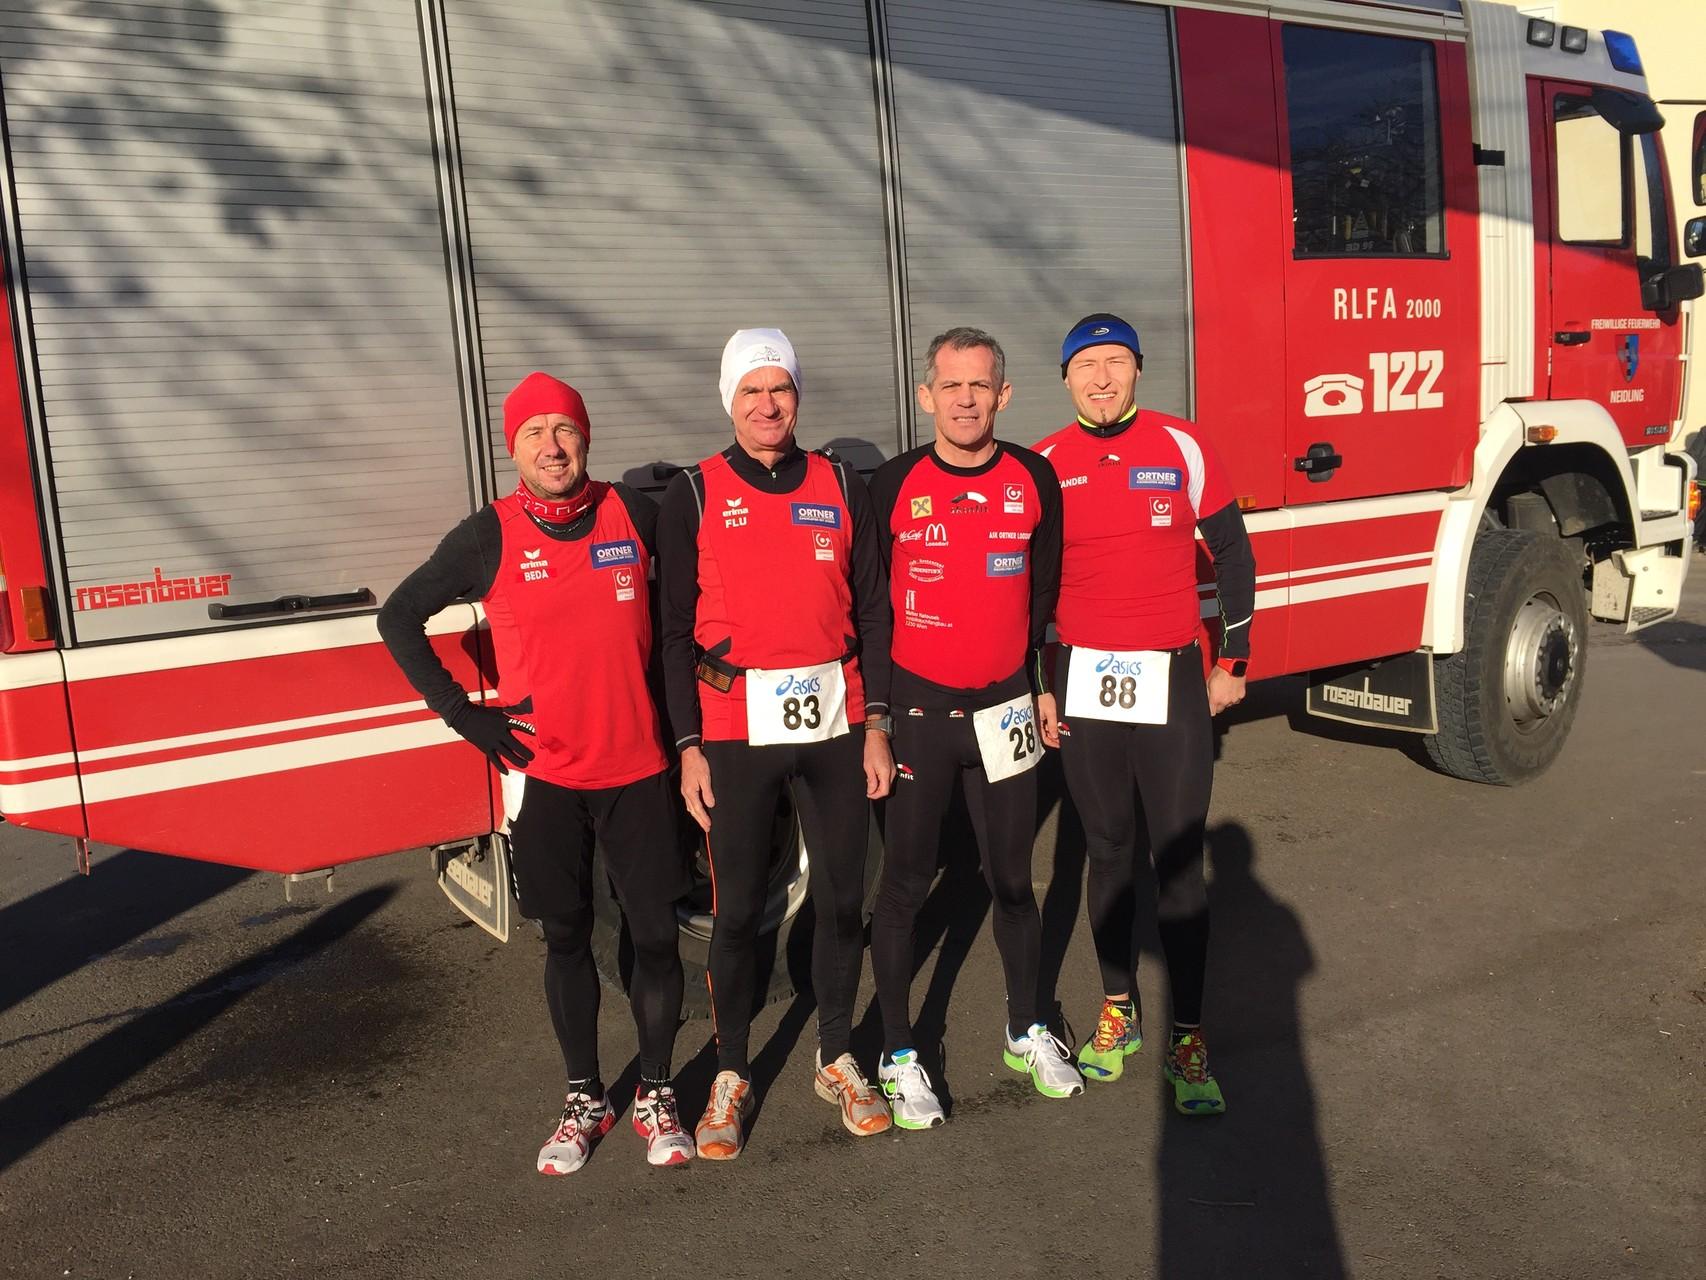 Die ersten vier mutigen Läufer sind eingetroffen